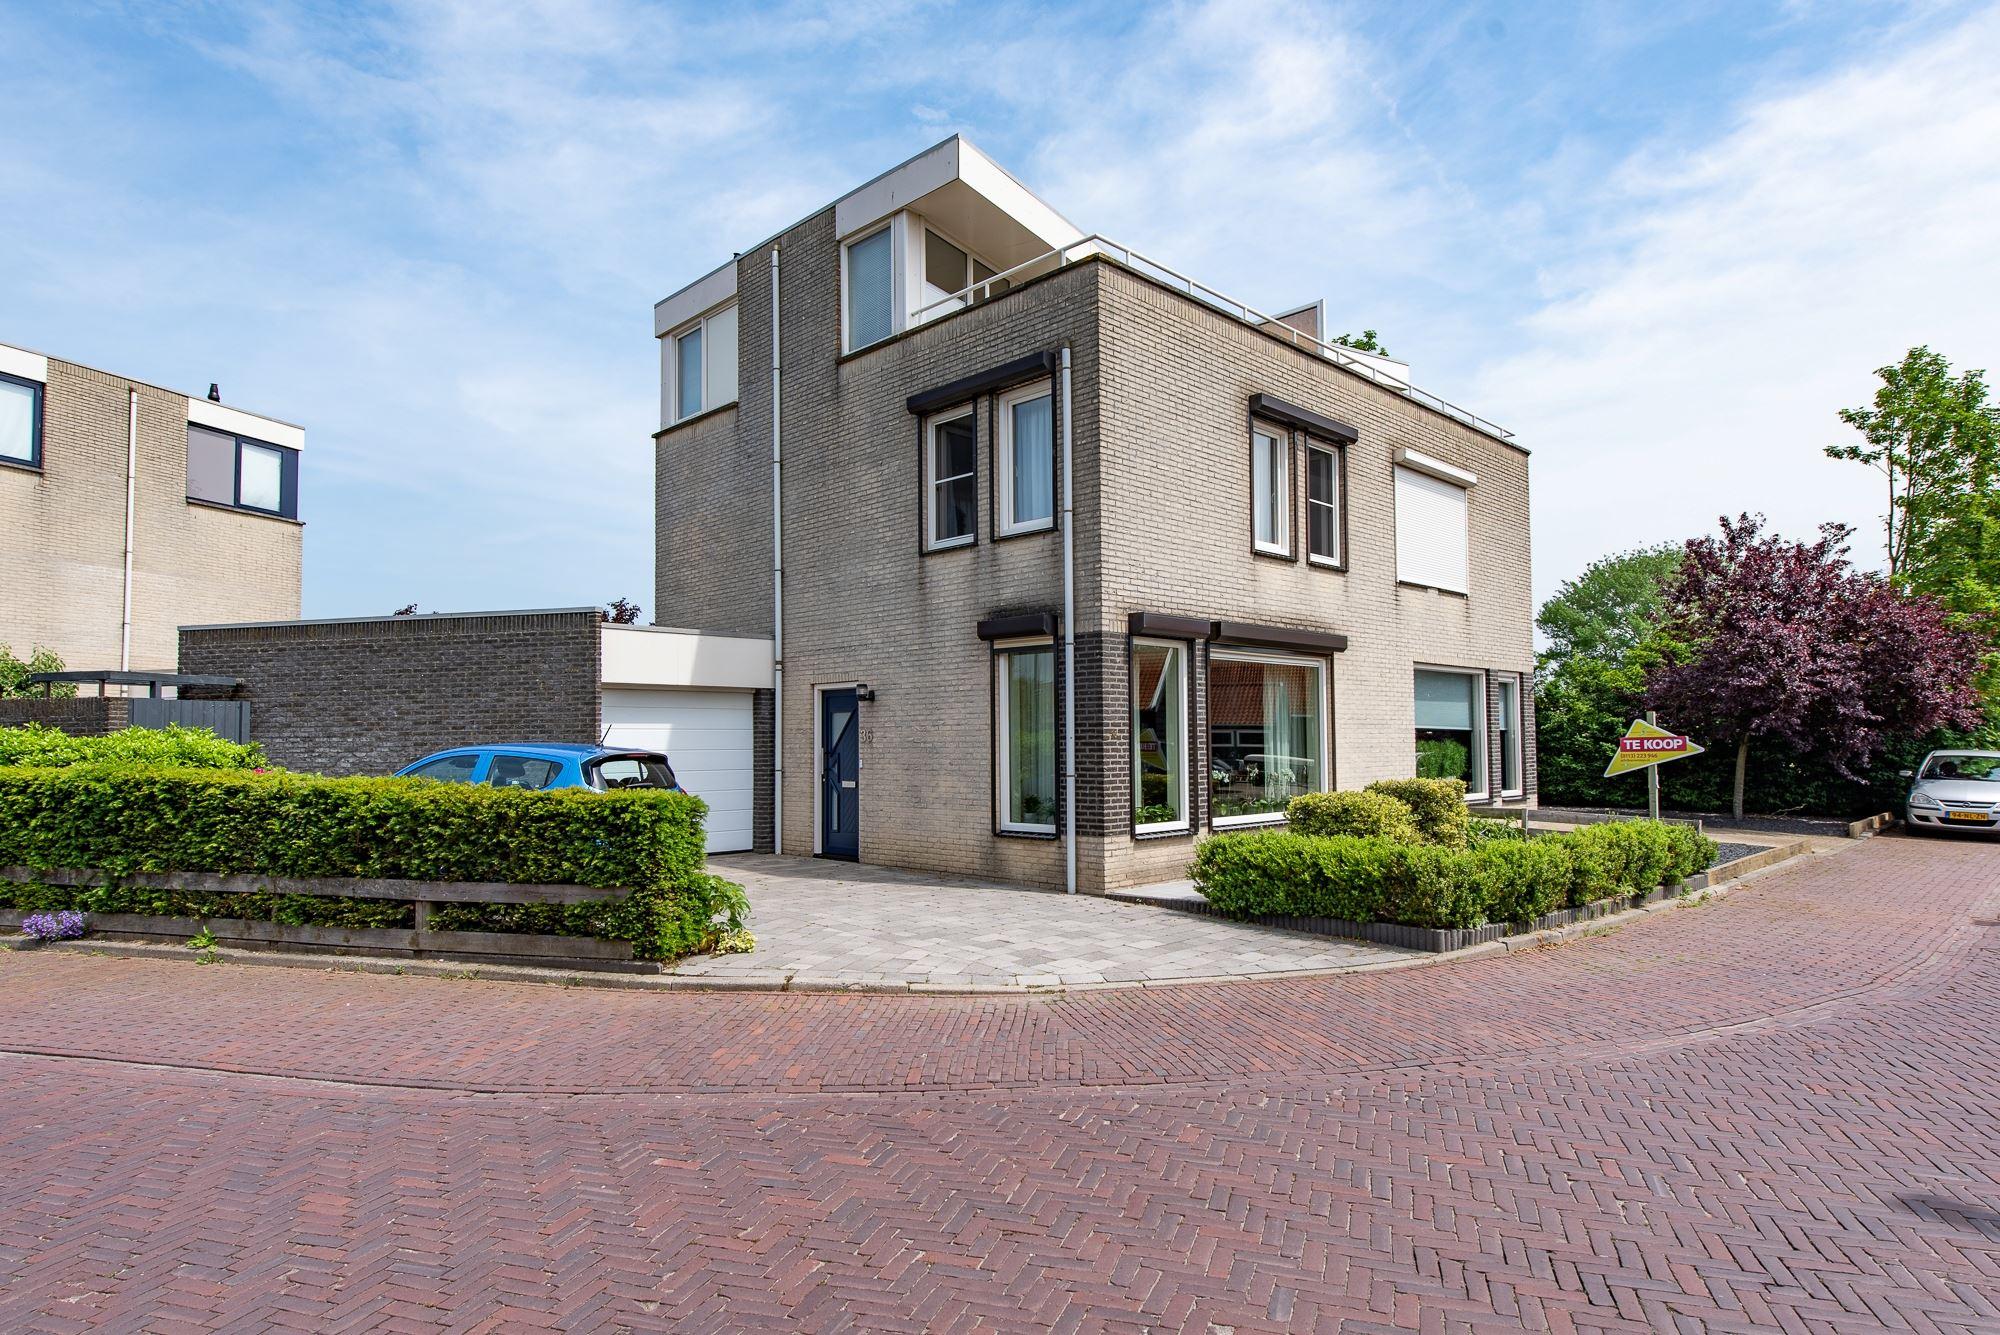 2-1 kap woning met garage succesvol aangekocht door AZ-aankoopmakelaars_1